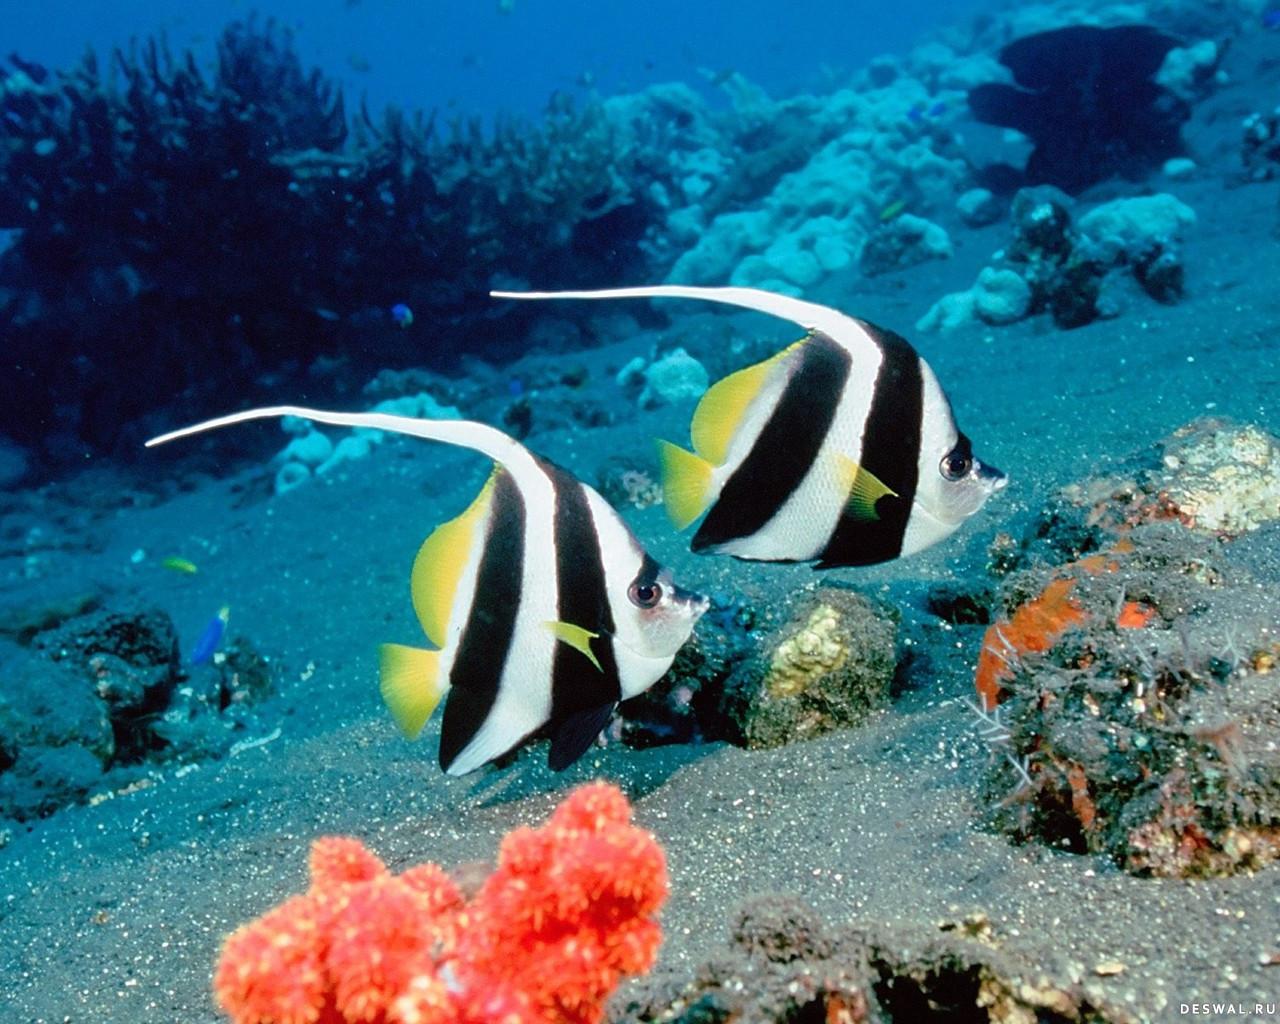 Фото 2. Нажмите на картинку с обоями подводного мира, чтобы просмотреть ее в реальном размере